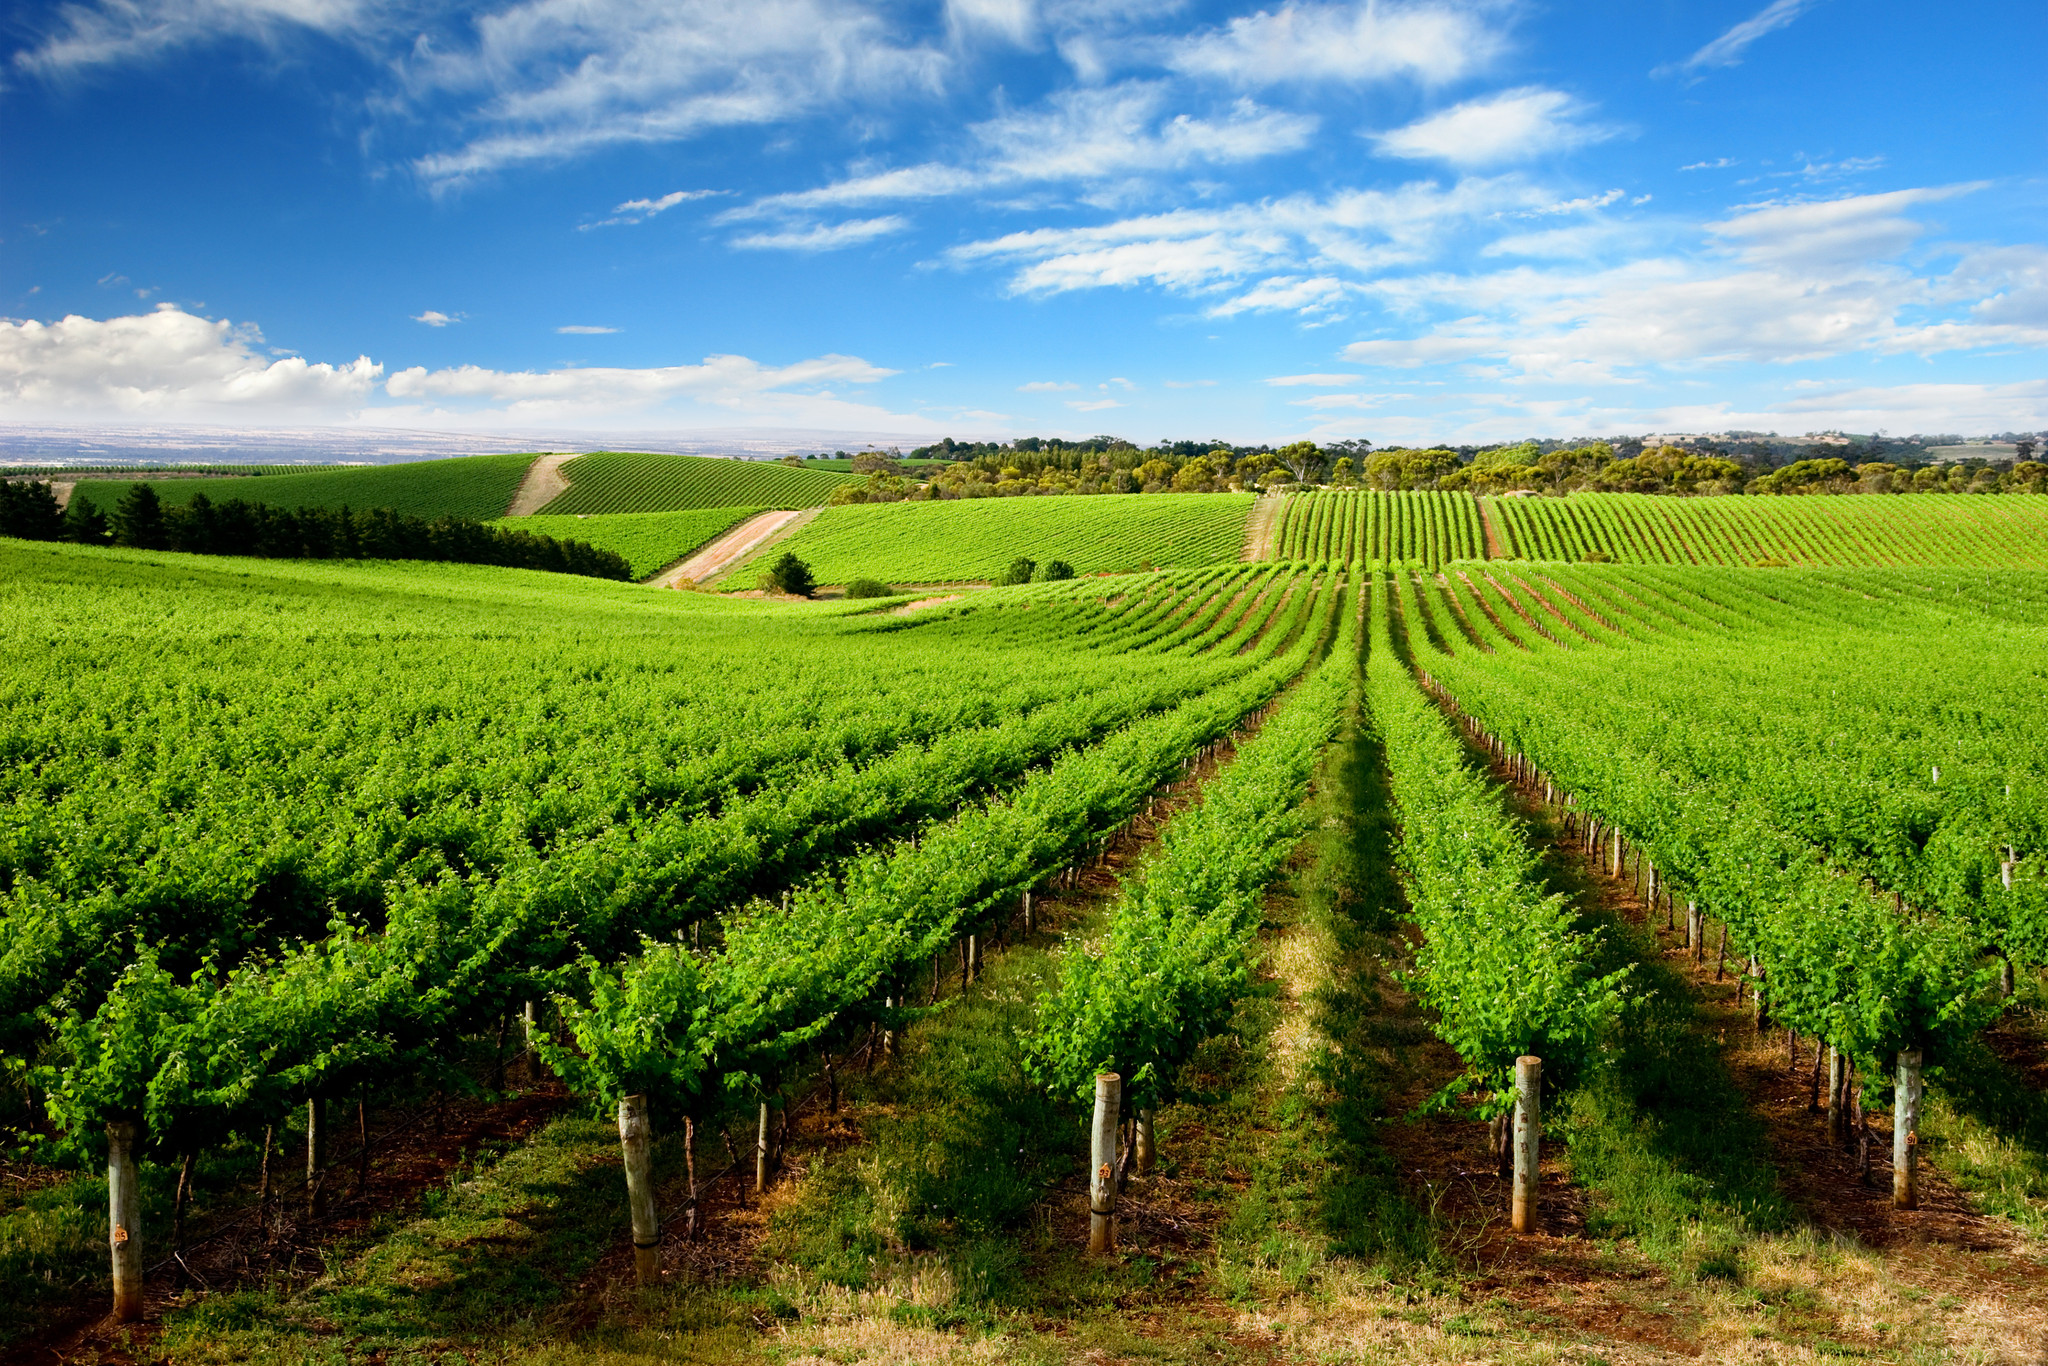 Wineries in Santa Barbara